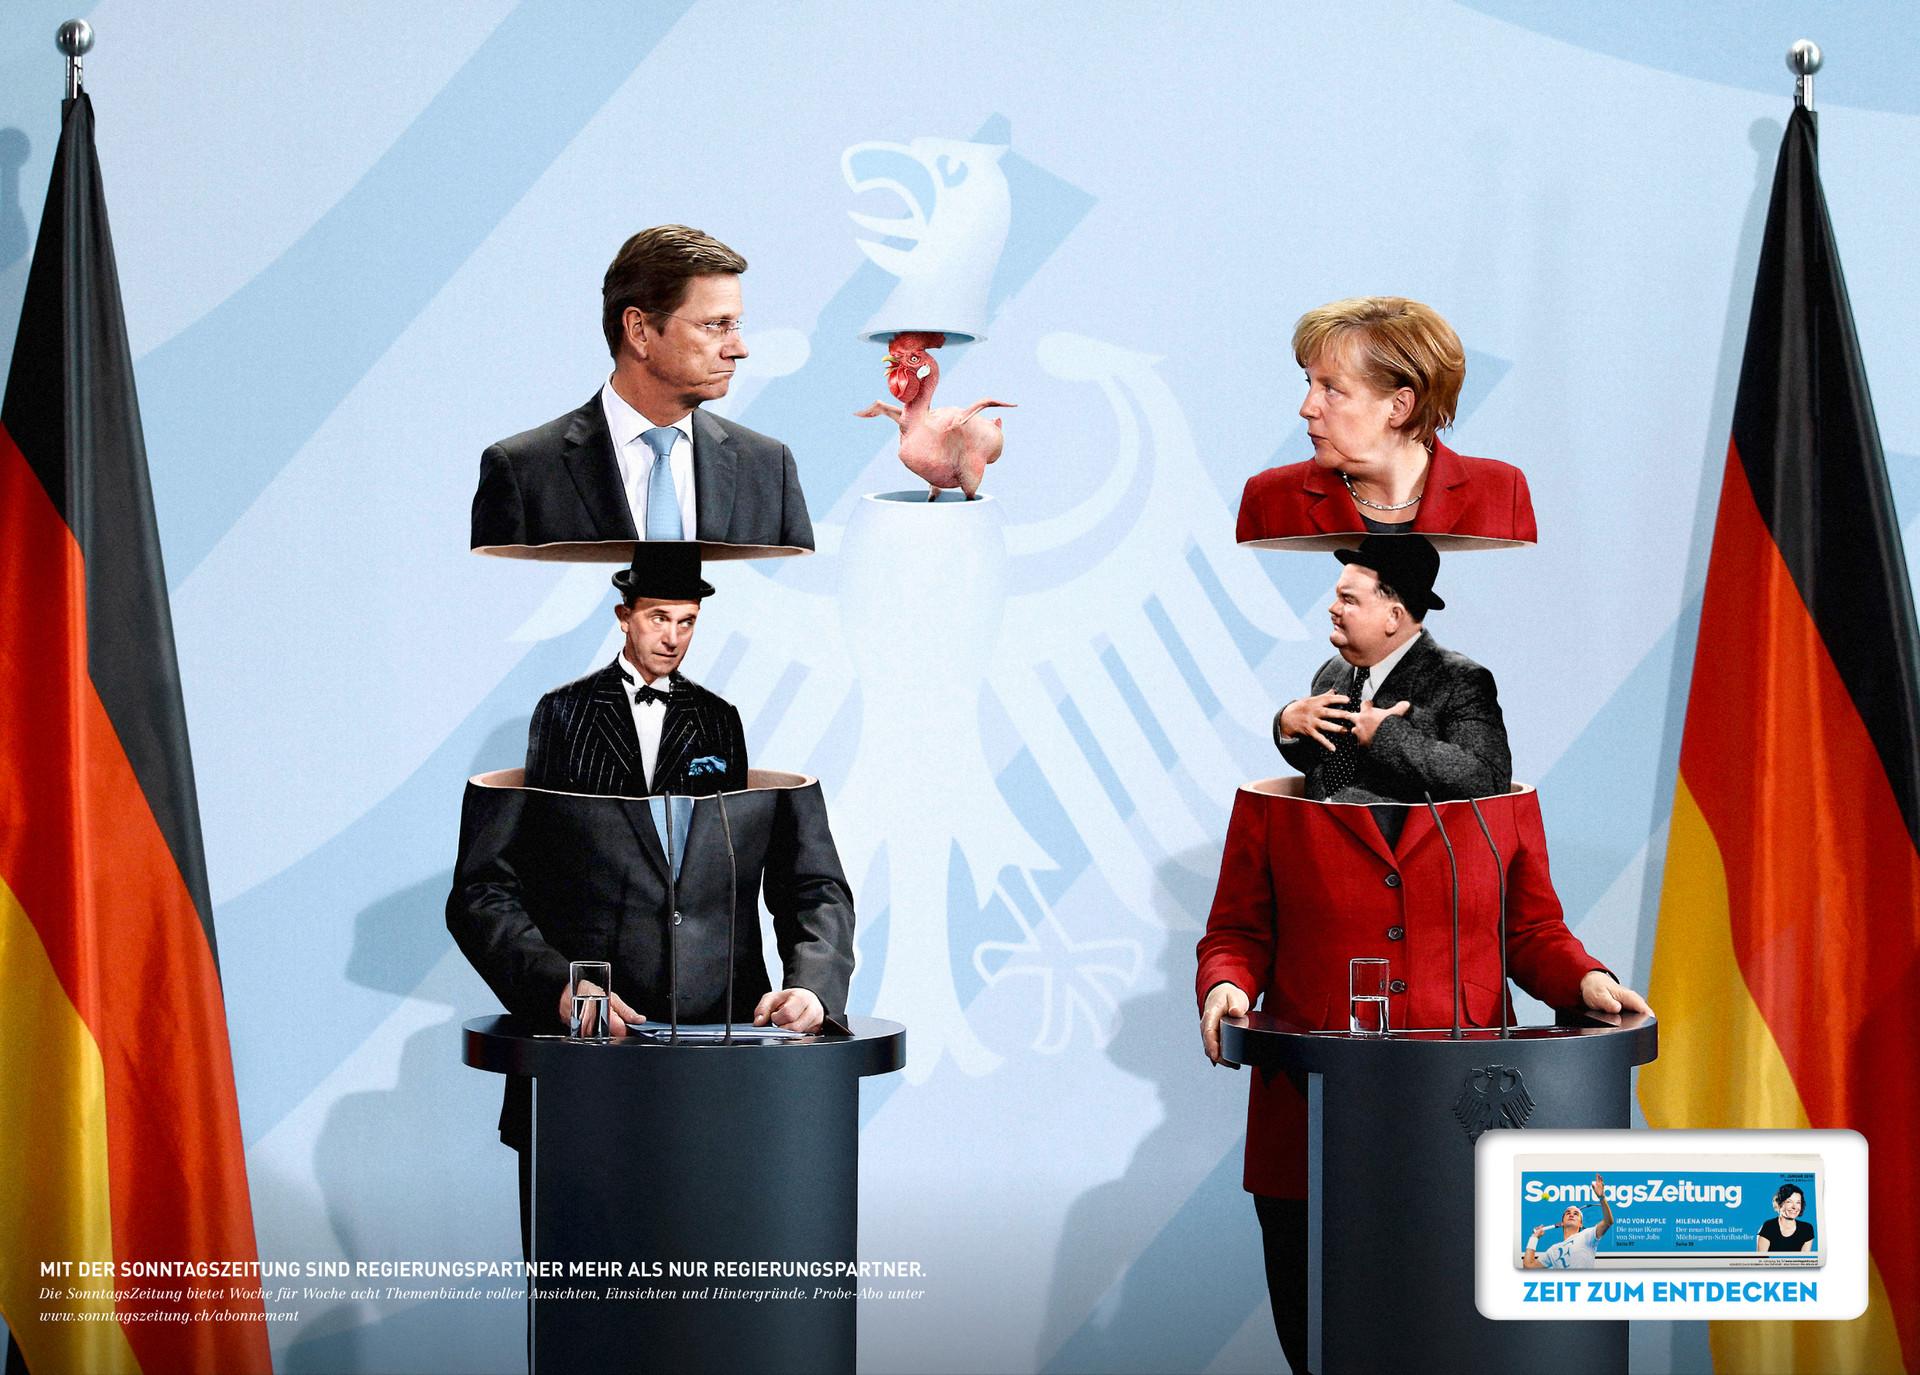 SoZ German Politics.JPG